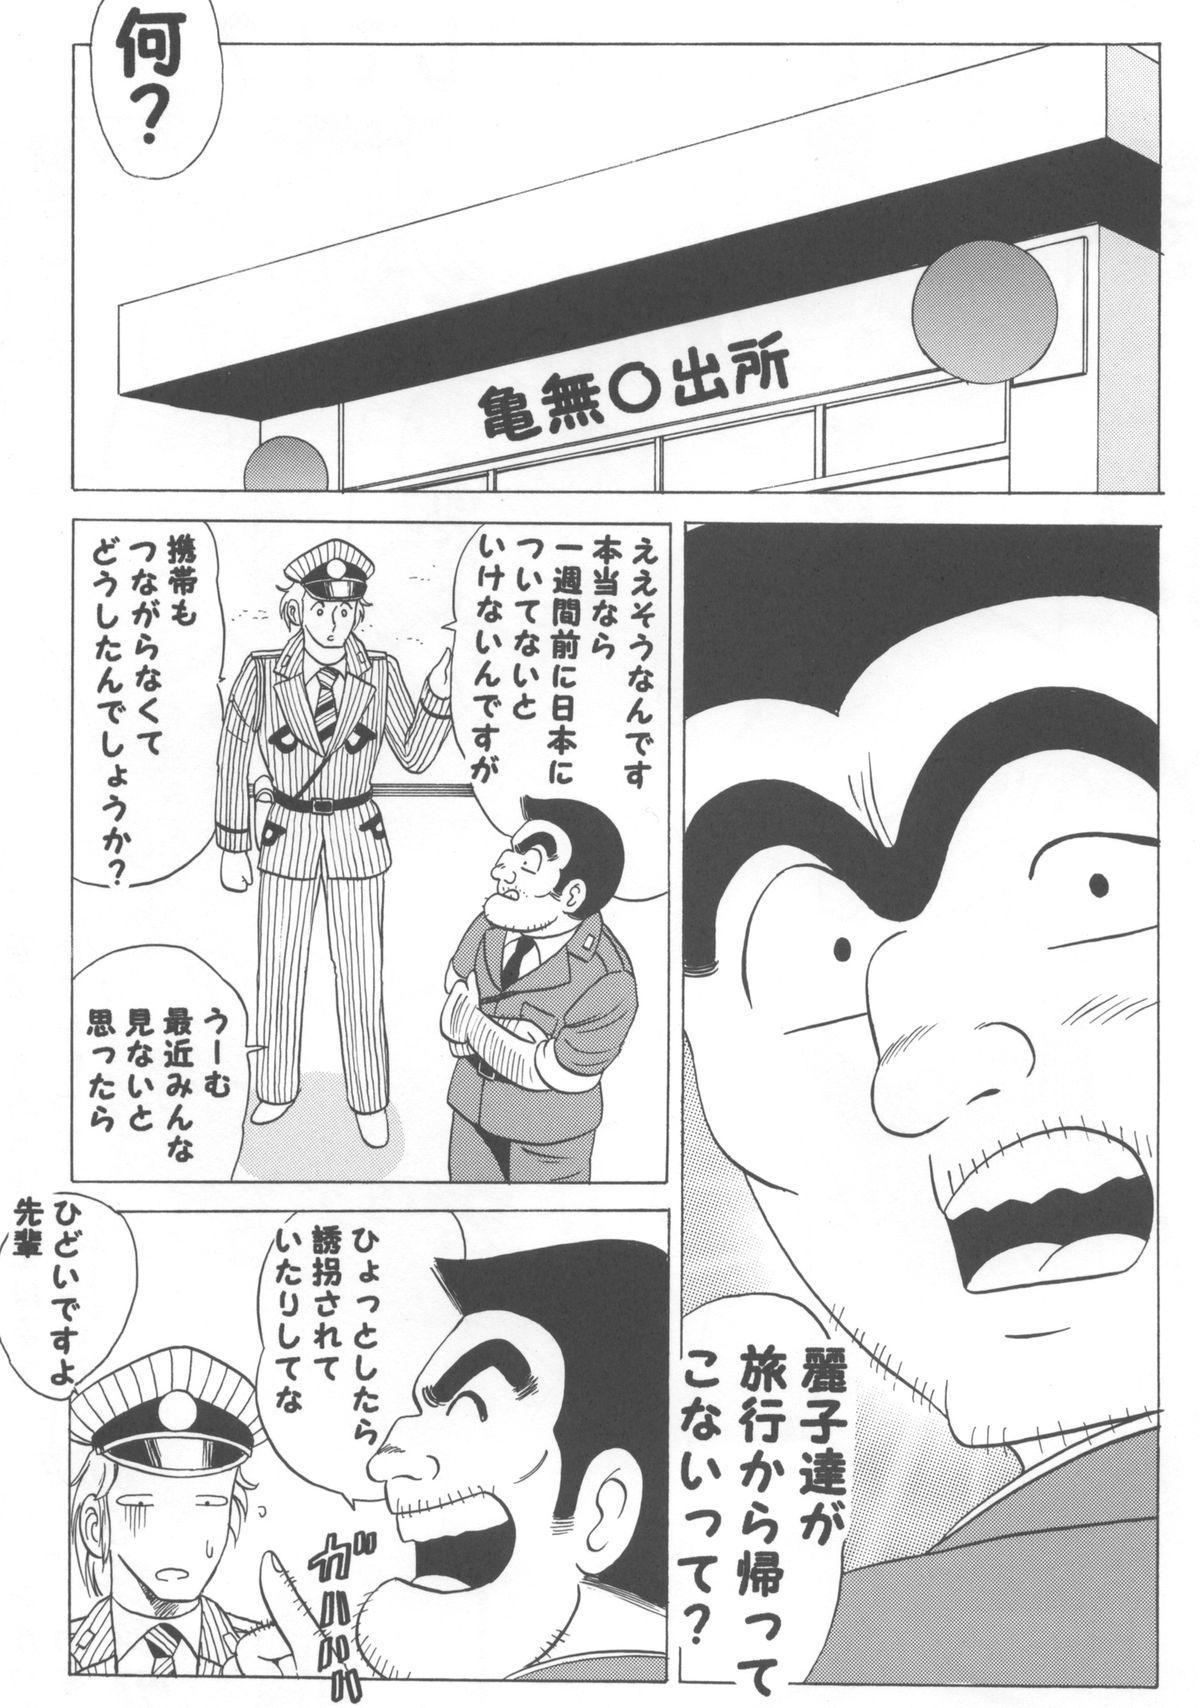 Sexy Police Woman Tokubetsu Henshuuhan 42